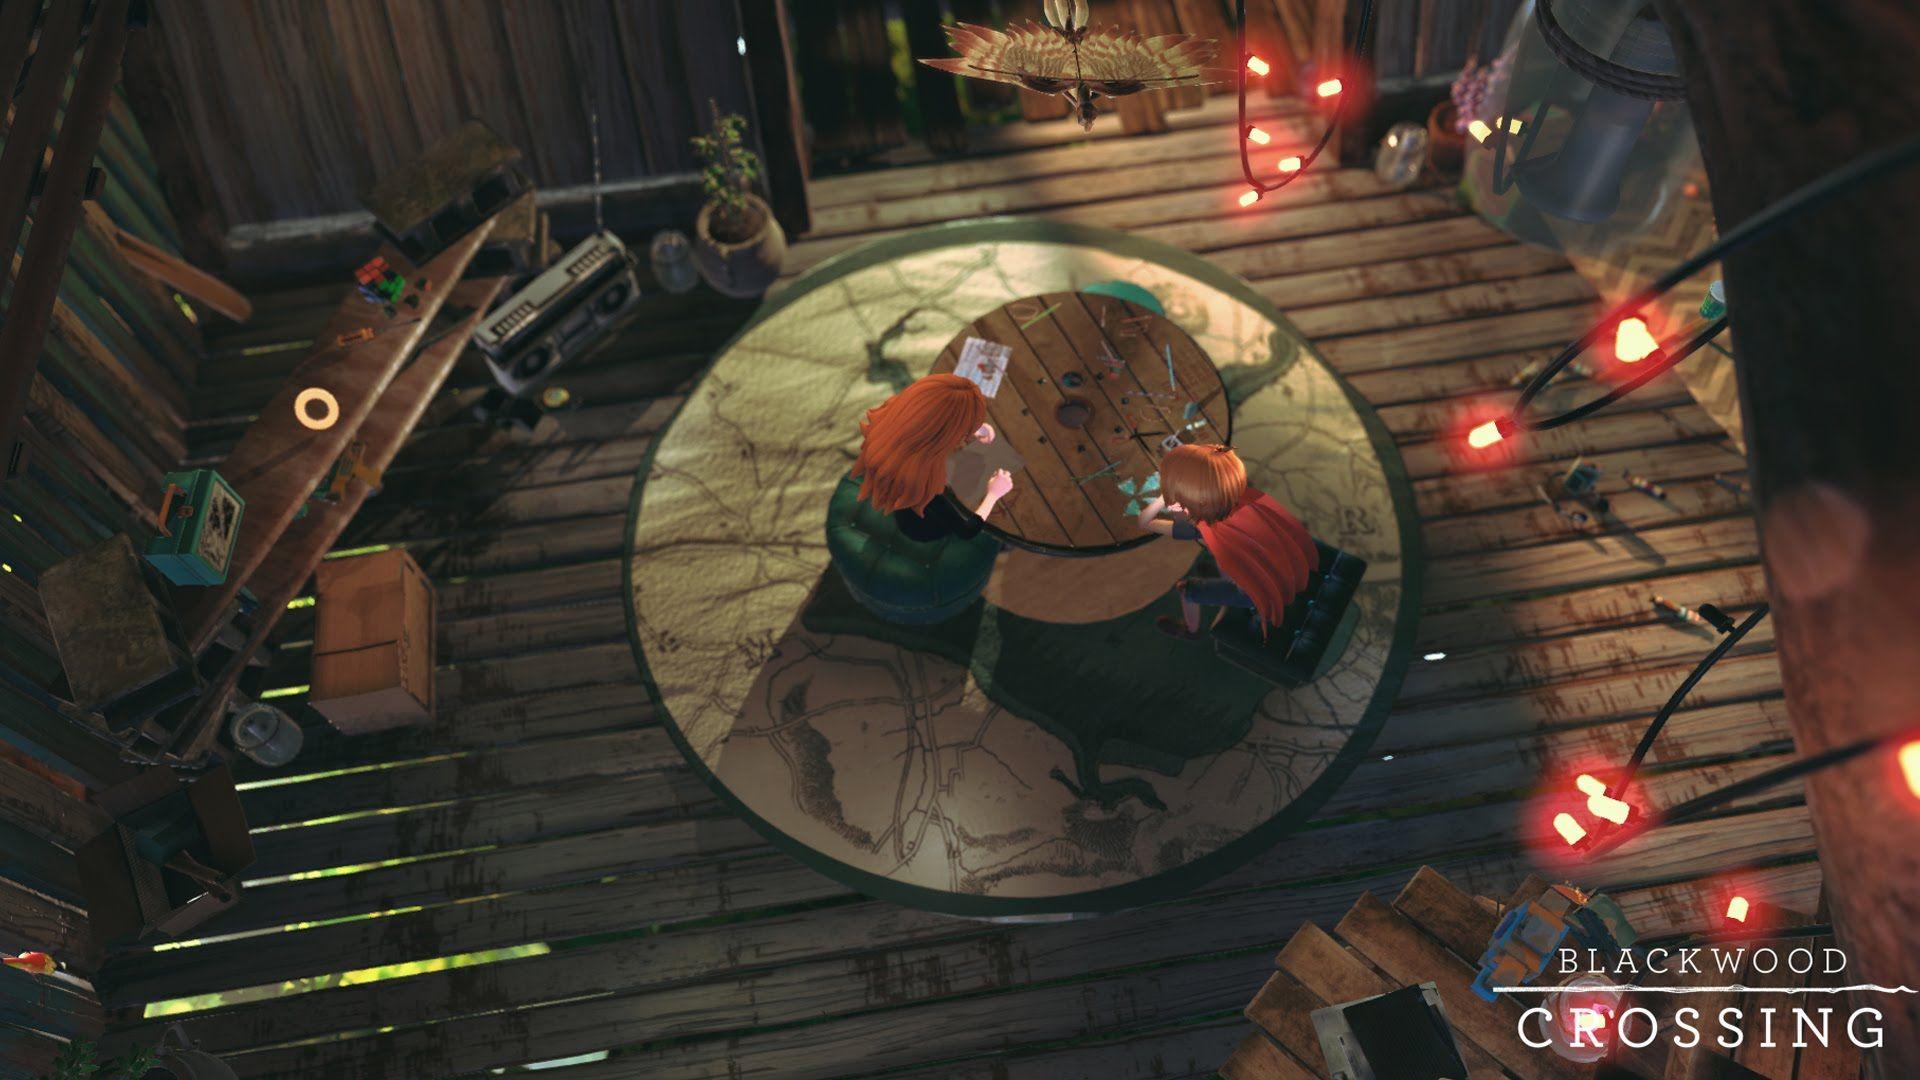 Das in Brighton ansässige Studio PaperSeven hat heute sein neues narratives Adventure-Spiel Blackwood Crossing angekündigt, das 2016 für PS4, Xbox One und PC erscheinen wird. Das Team von PaperSeven besteht aus ehemaligen Entwicklern von Disneys Black Rock Studio und Oliver Reid-Smith, dem Aut...  https://gamezine.de/blackwood-crossing-fuer-xbox-one-ps4-und-pc-mit-teaser-trailer-angekuendigt.html